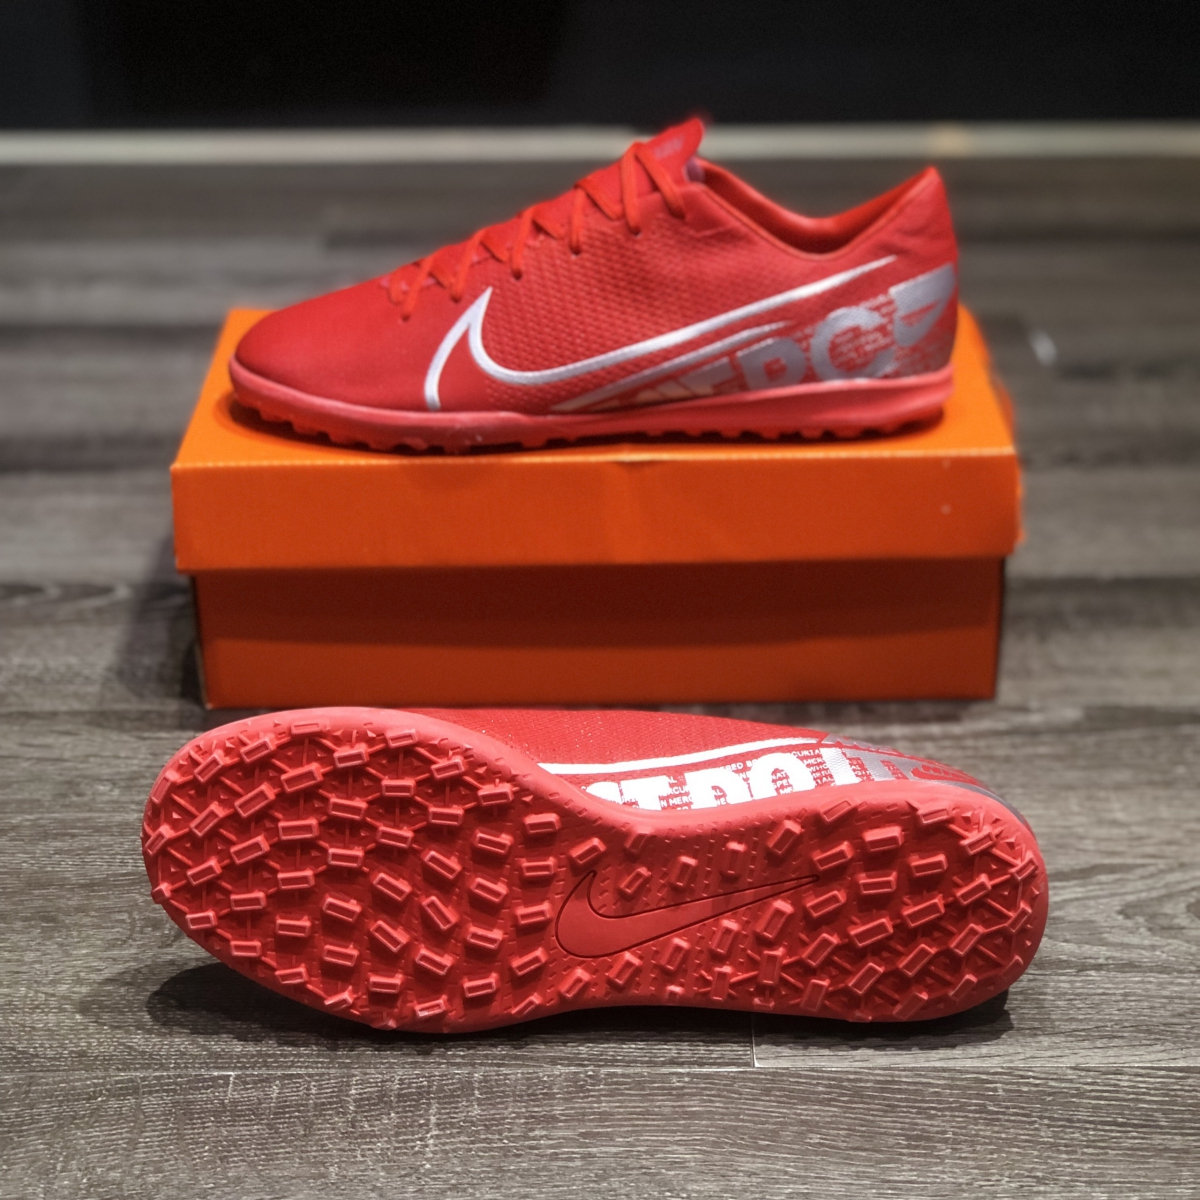 Giày Bóng Đá Nike Mercurial 13 Đỏ Vạch Xám TF